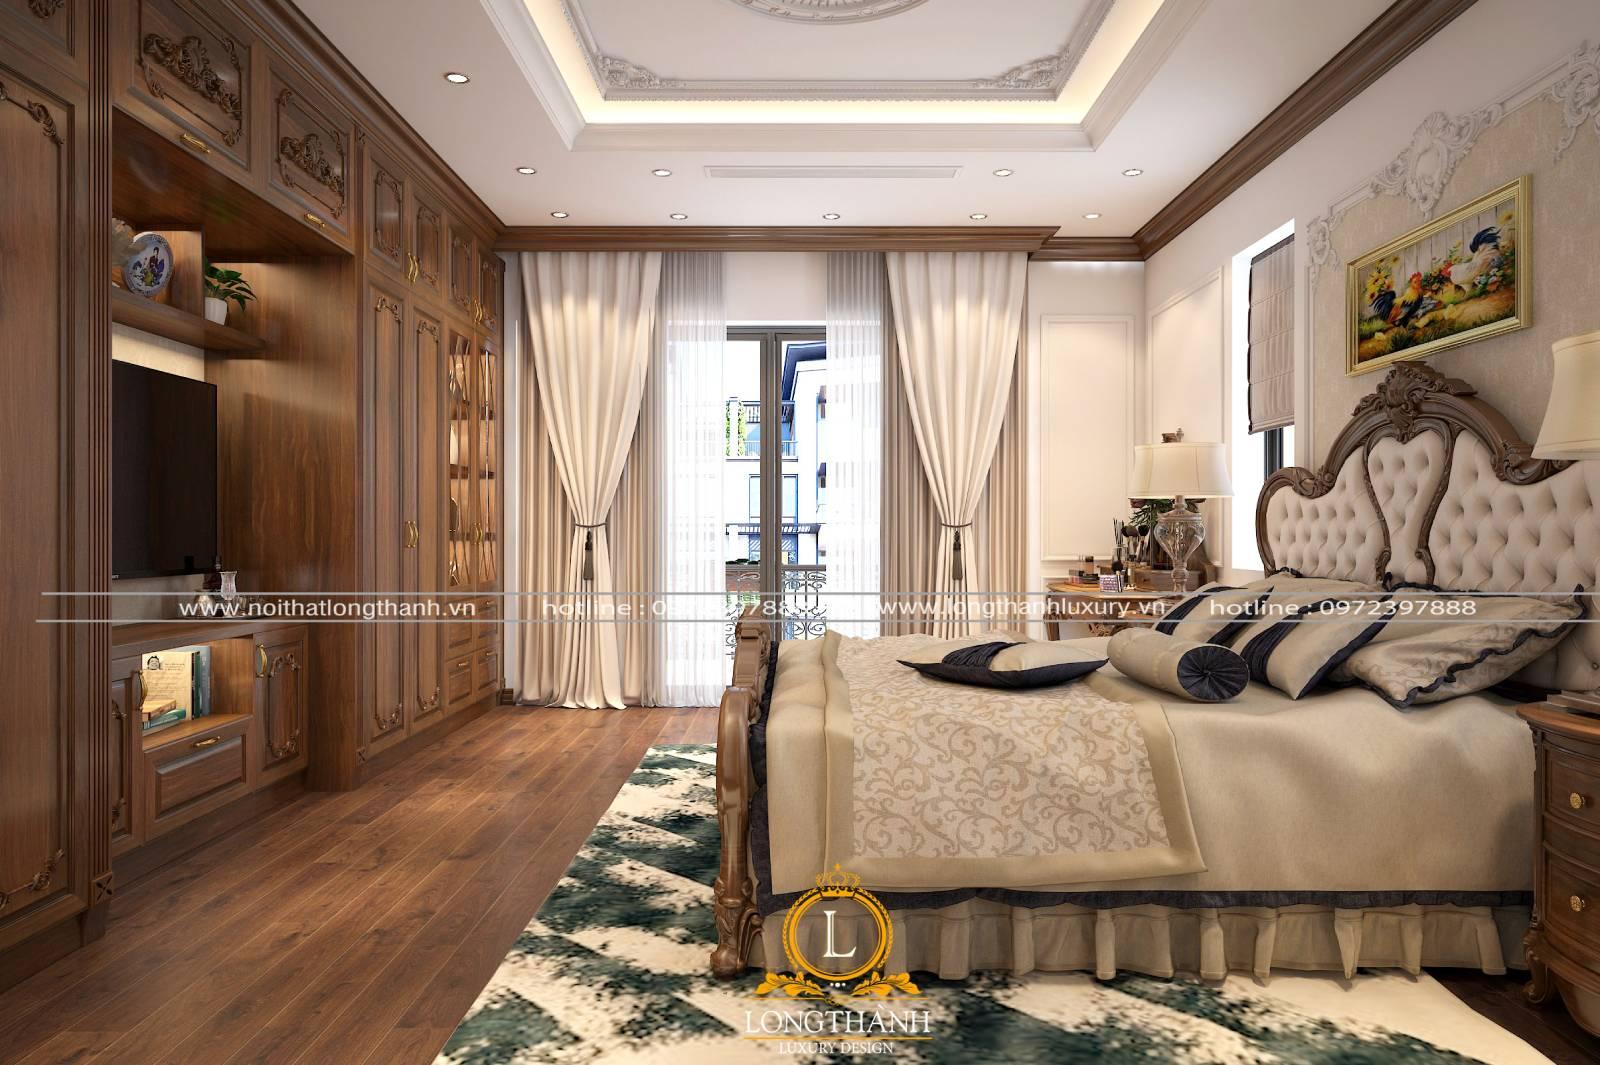 Mẫu phòng ngủ master tân cổ điển cho thiết kế nội thất nhà ống sang trọng tiện nghi